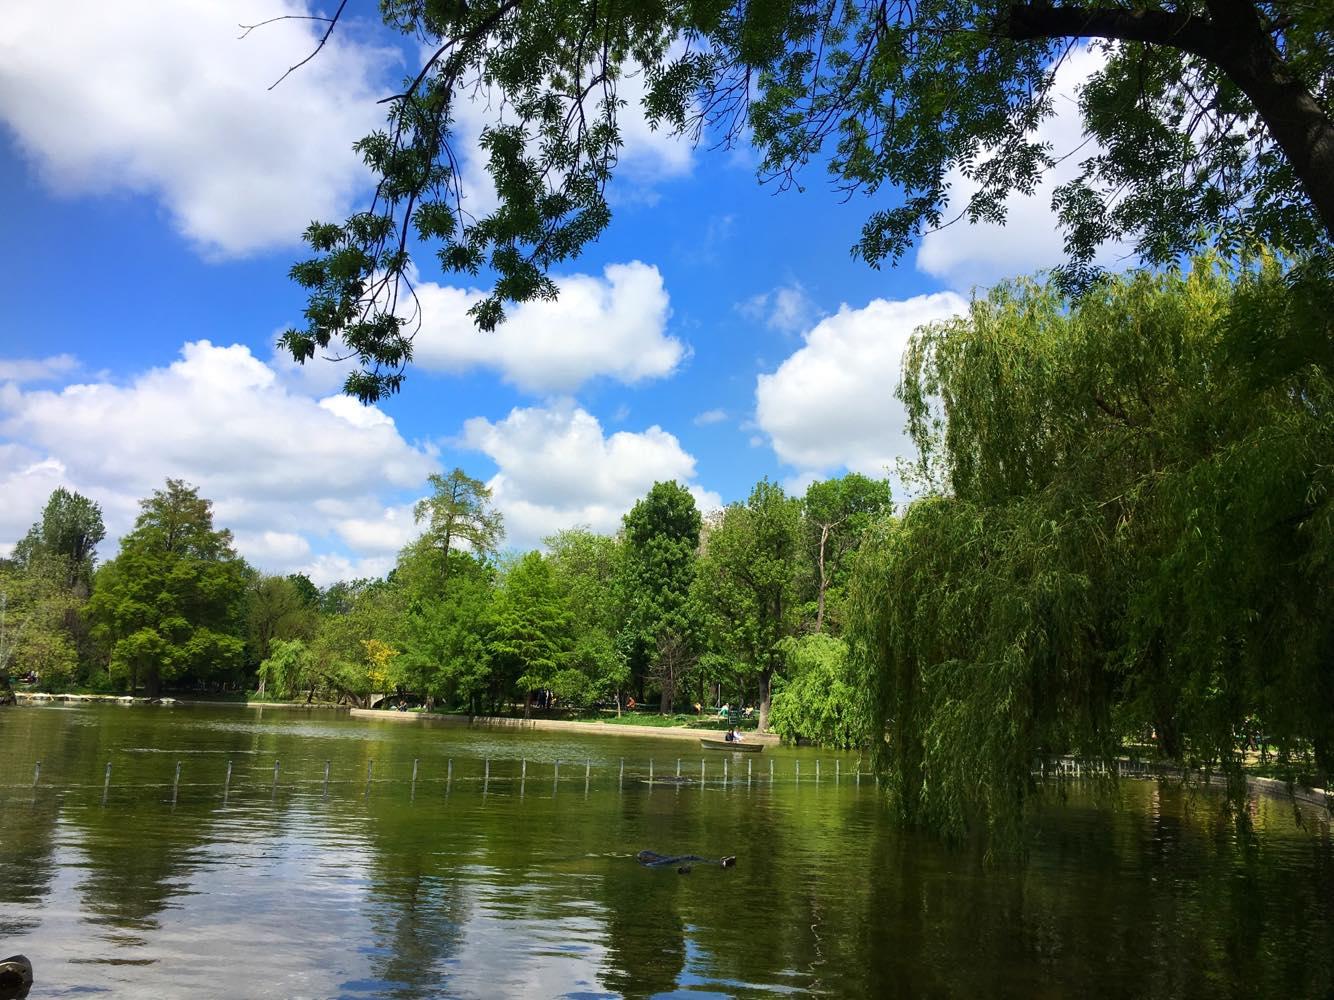 Cismigiu Gardens - the idyllic must-visit park in Bucharest